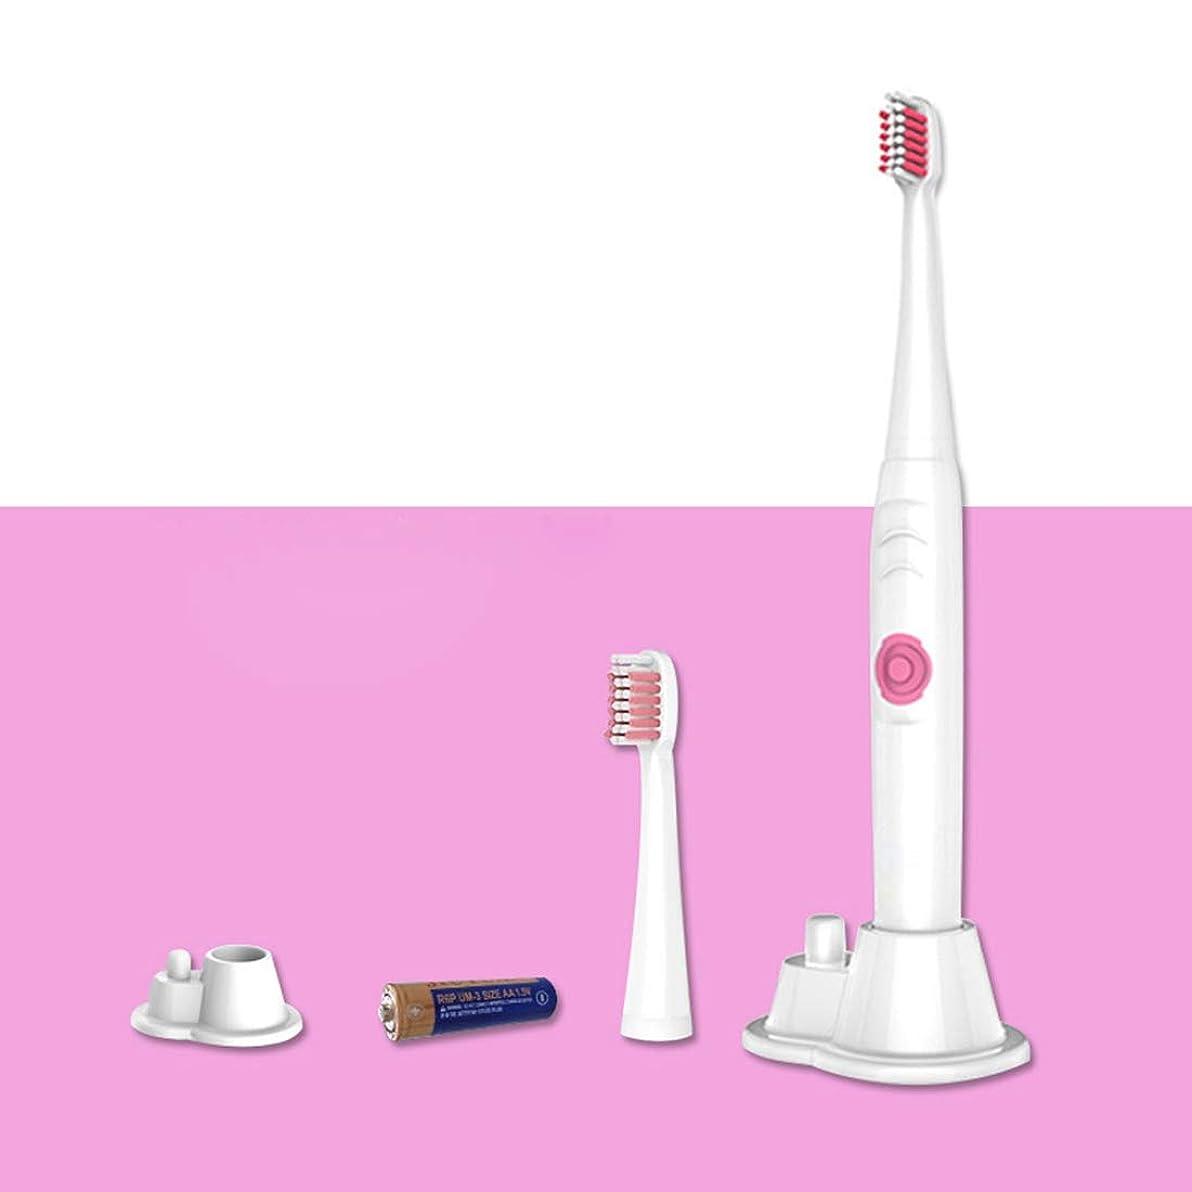 ロータリー葉を集める調子電動歯ブラシ大人の子供のための、 2つの取り替えの頭部の歯ブラシIPX7の防水電池